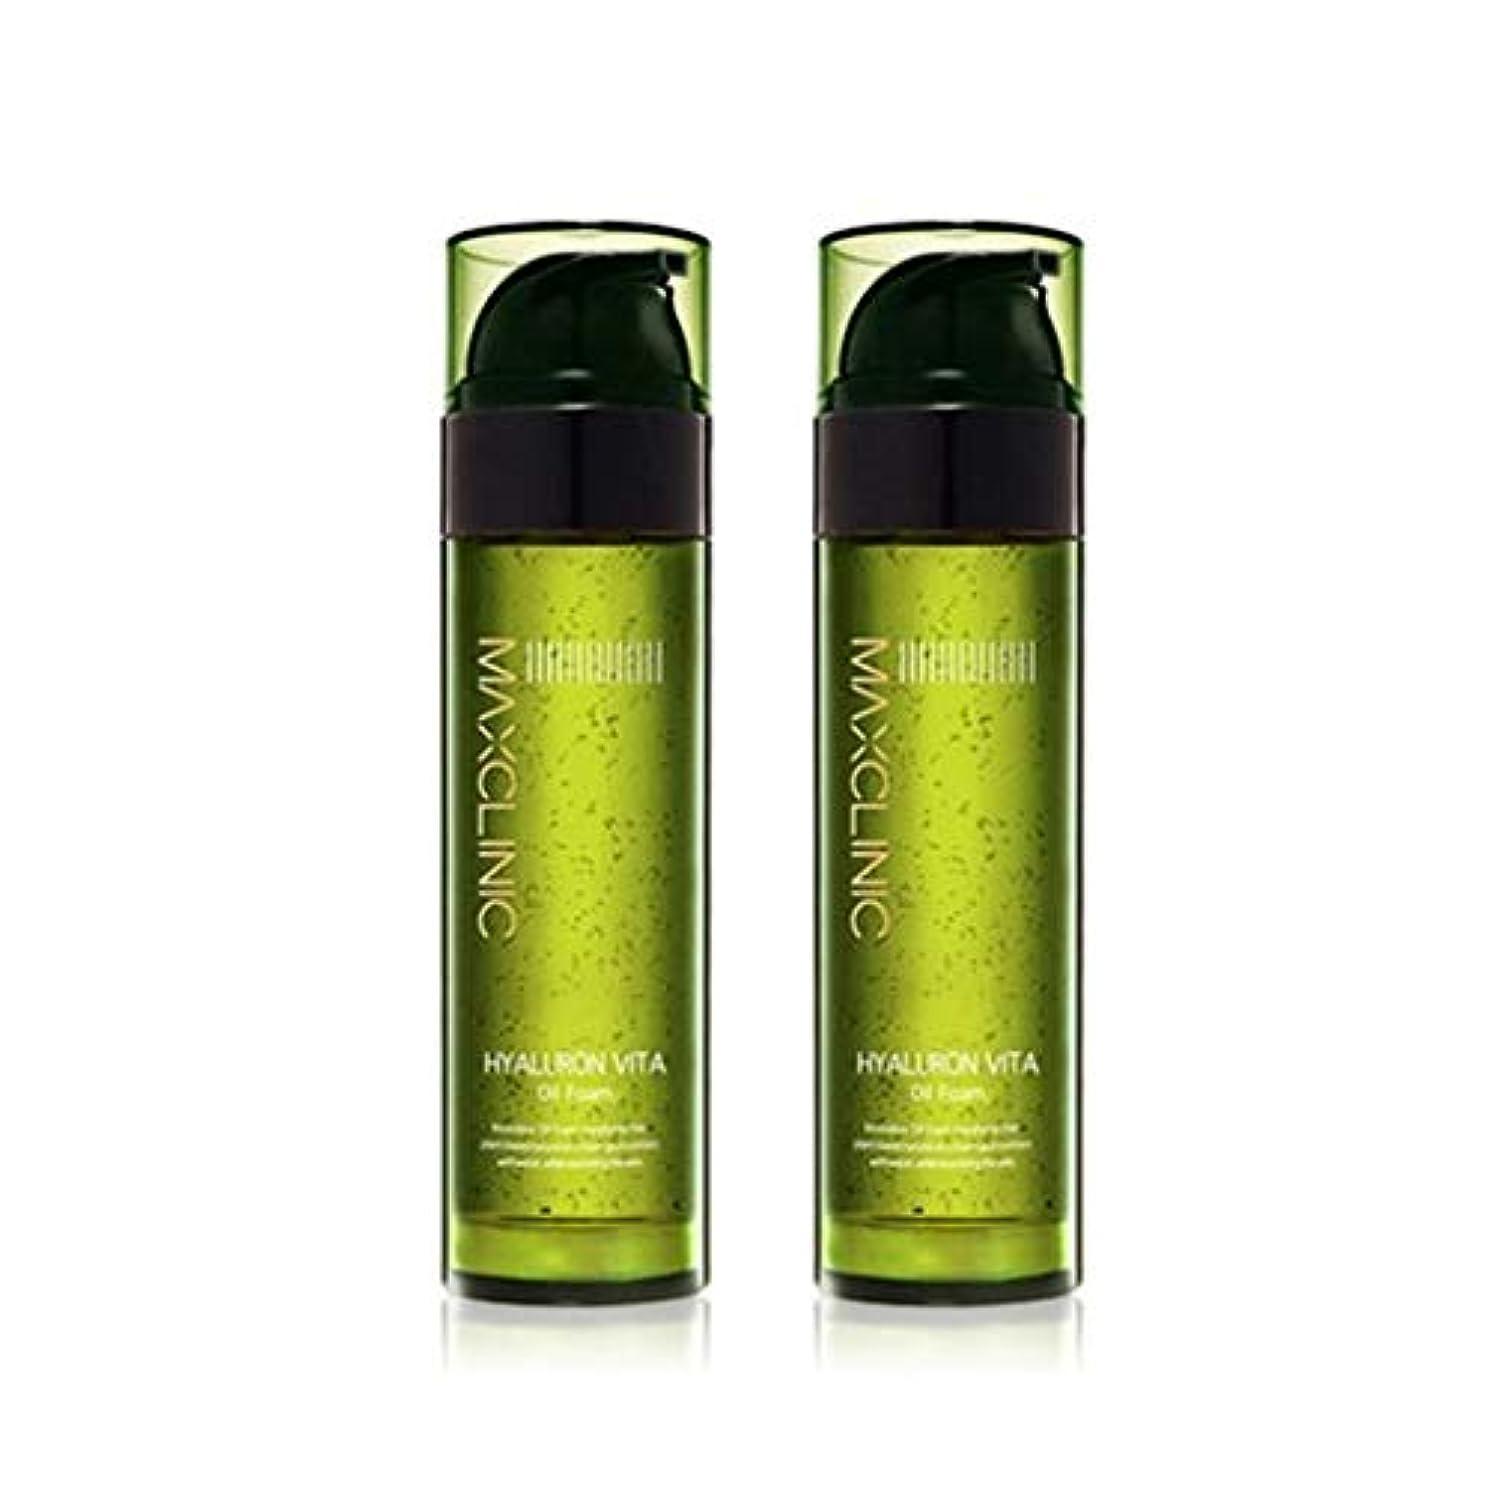 シーズン結婚したアメリカマックスクリニックヒアルロンヴィータオイルフォーム110gx2本セット韓国コスメ、Maxclinic Hyaluronic Acid Vita Oil Foam 110g x 2ea Set Korean Cosmetics...